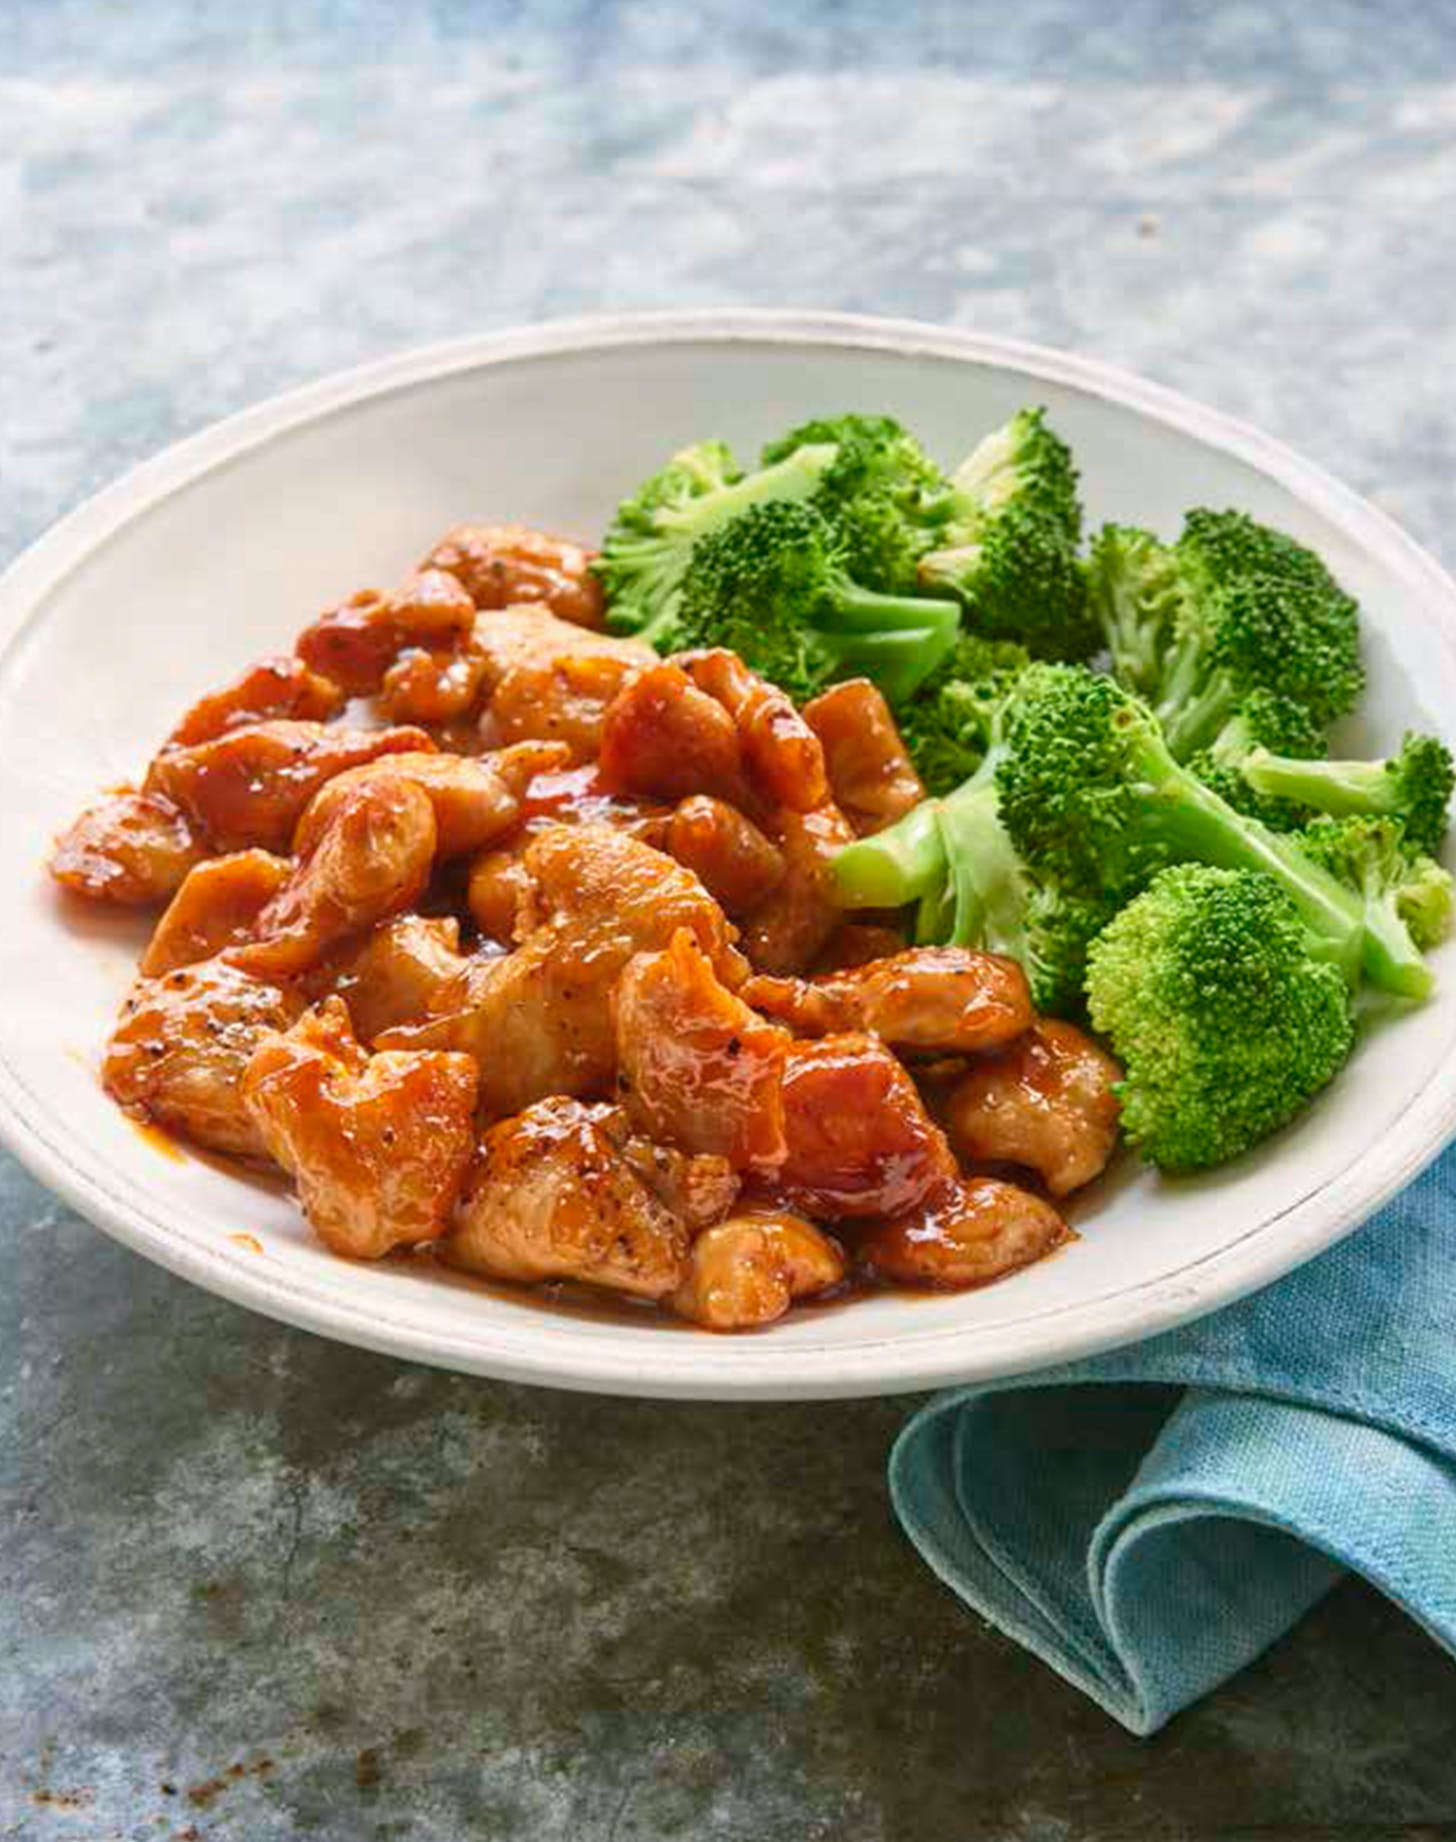 Julia Turshen's Sticky Chicken